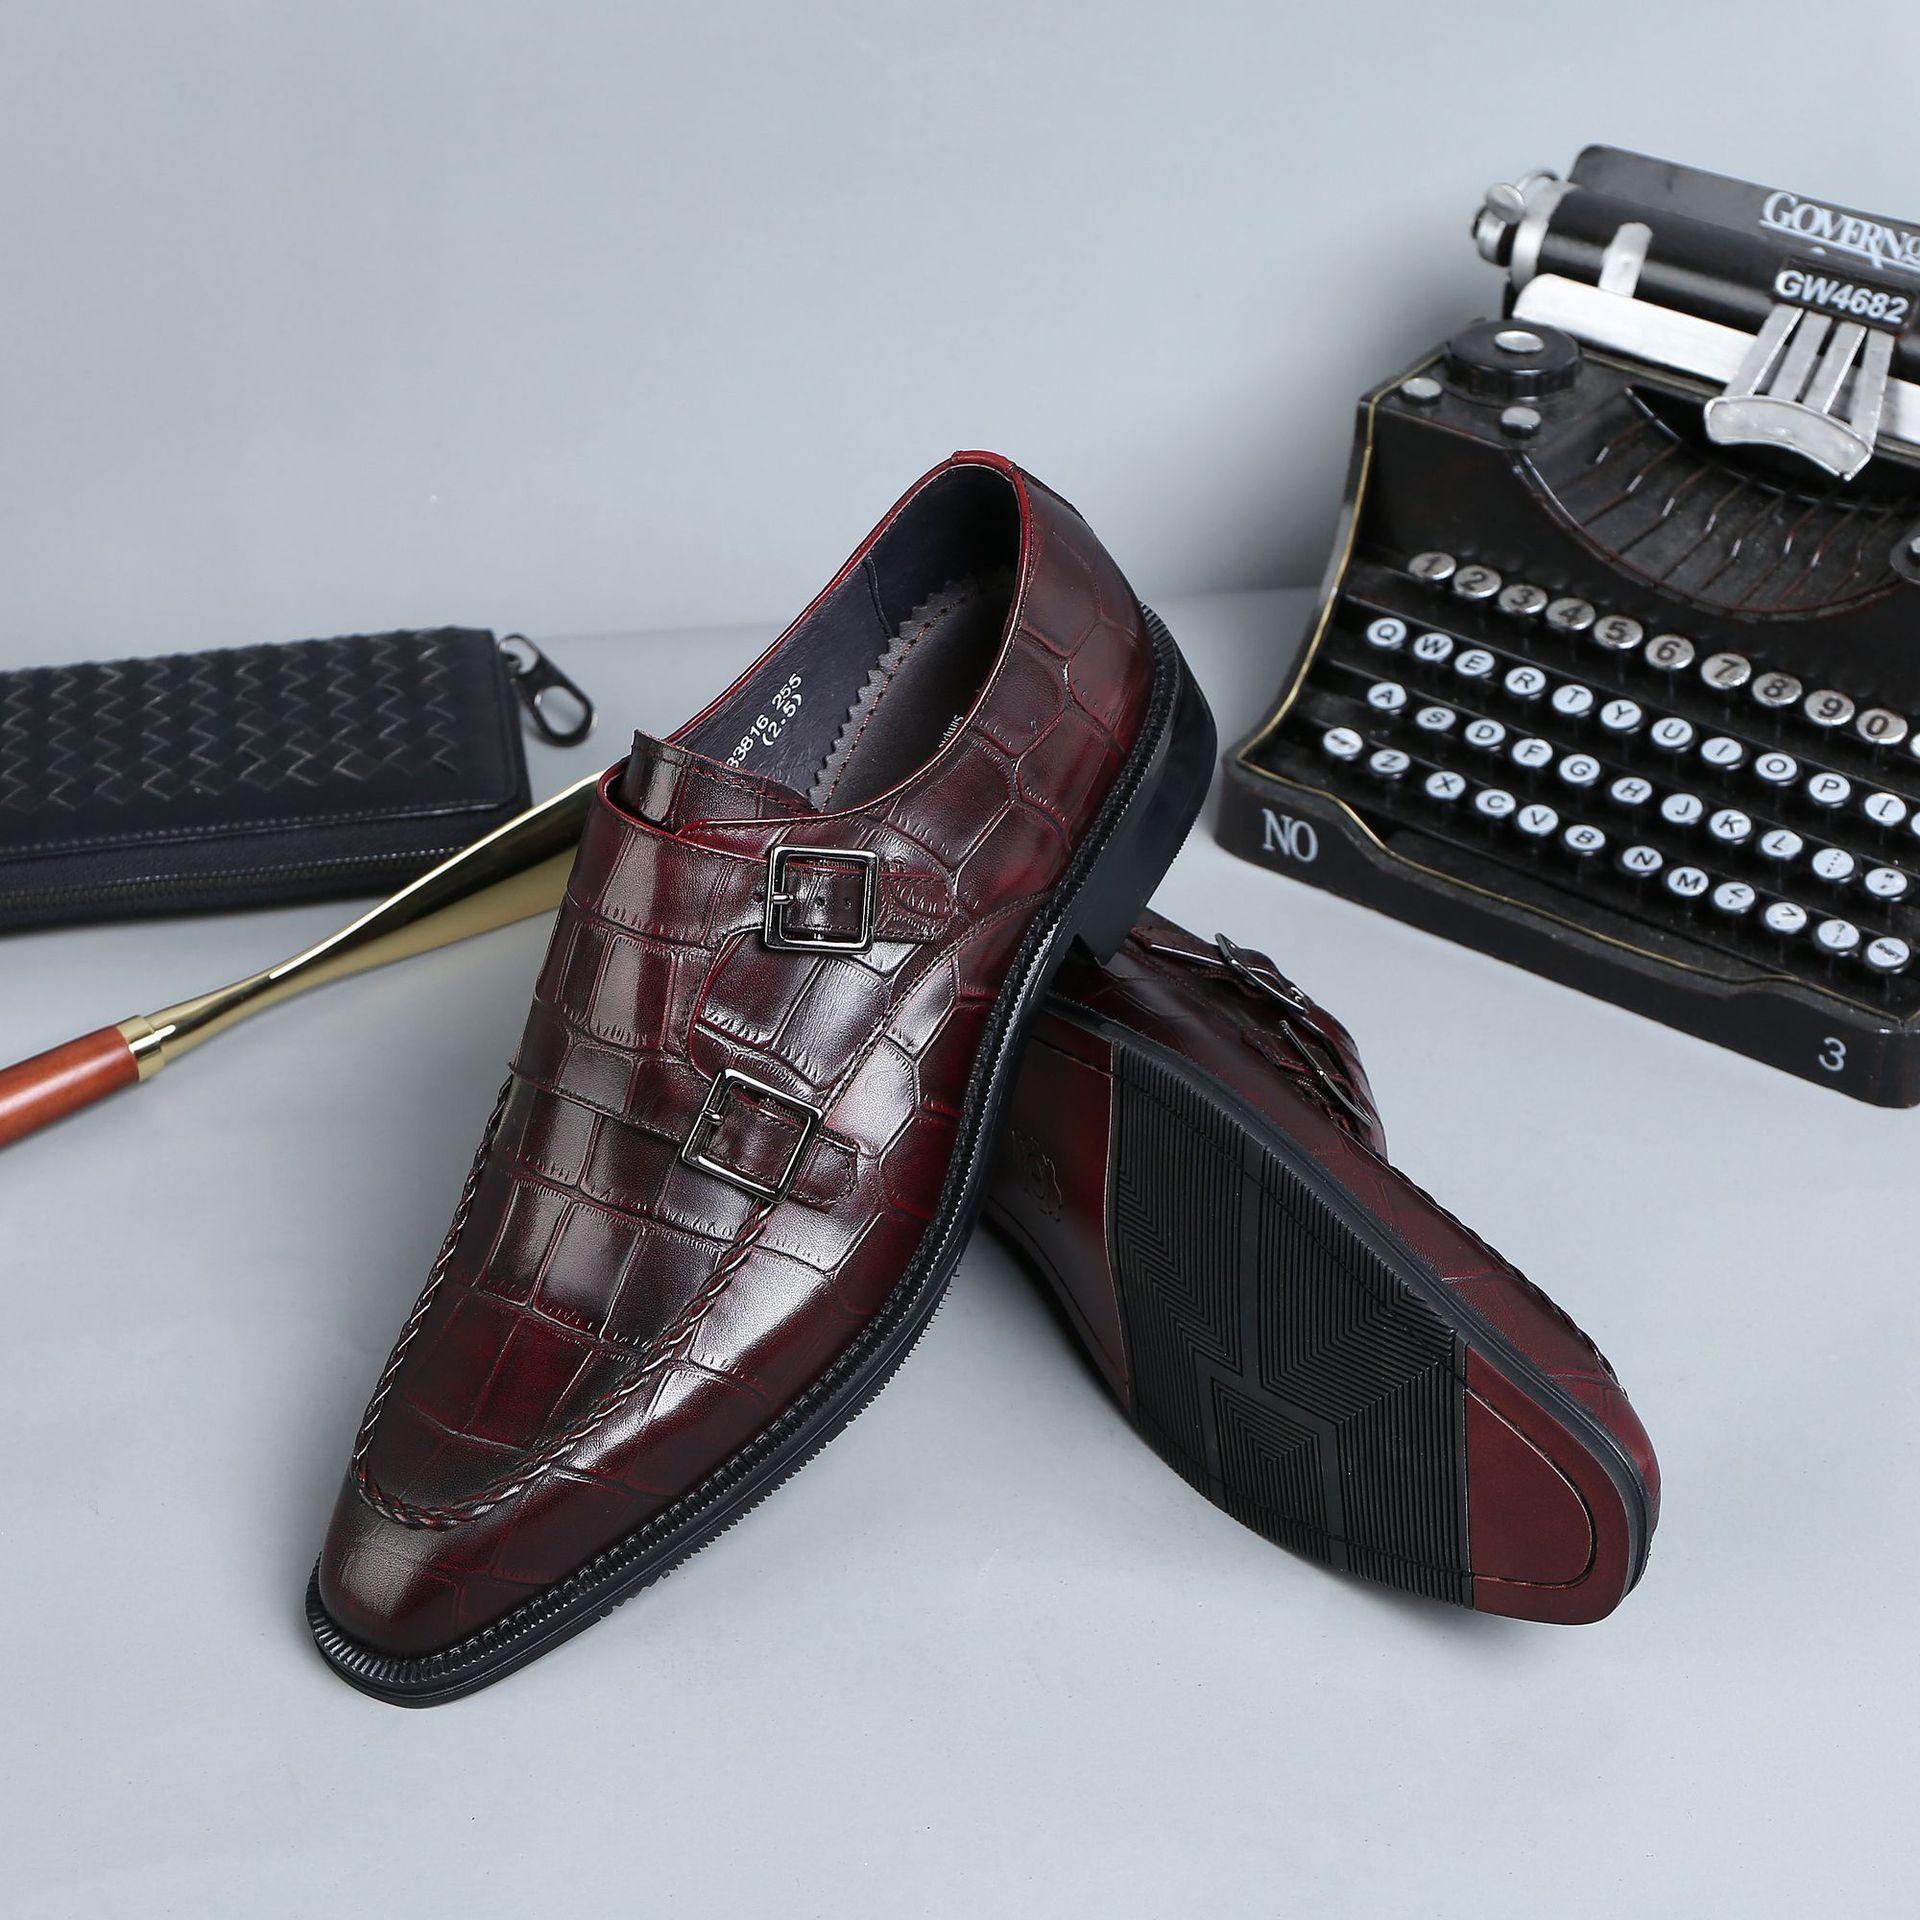 Erkek Deri Ayakkabı İş Resmi Giyim Deri Ayakkabı Erkek Toka Düğün Mischpalette Ayakkabı Deri Wear